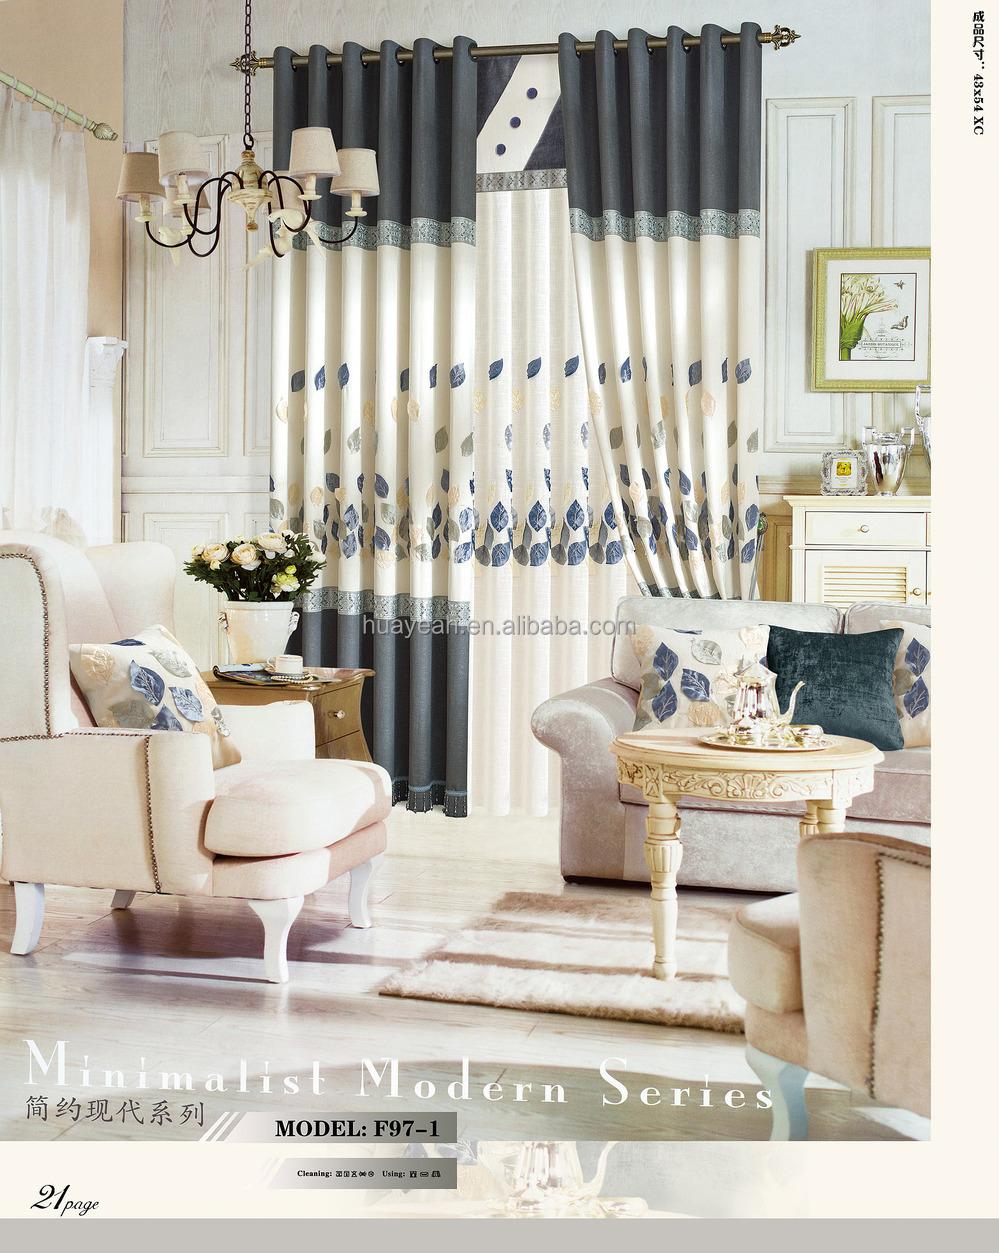 Simple feuille design nouveau modèle de rideau de fenêtre pour salon-Tissu  pour canapé-ID de produit:60189583664-french.alibaba.com